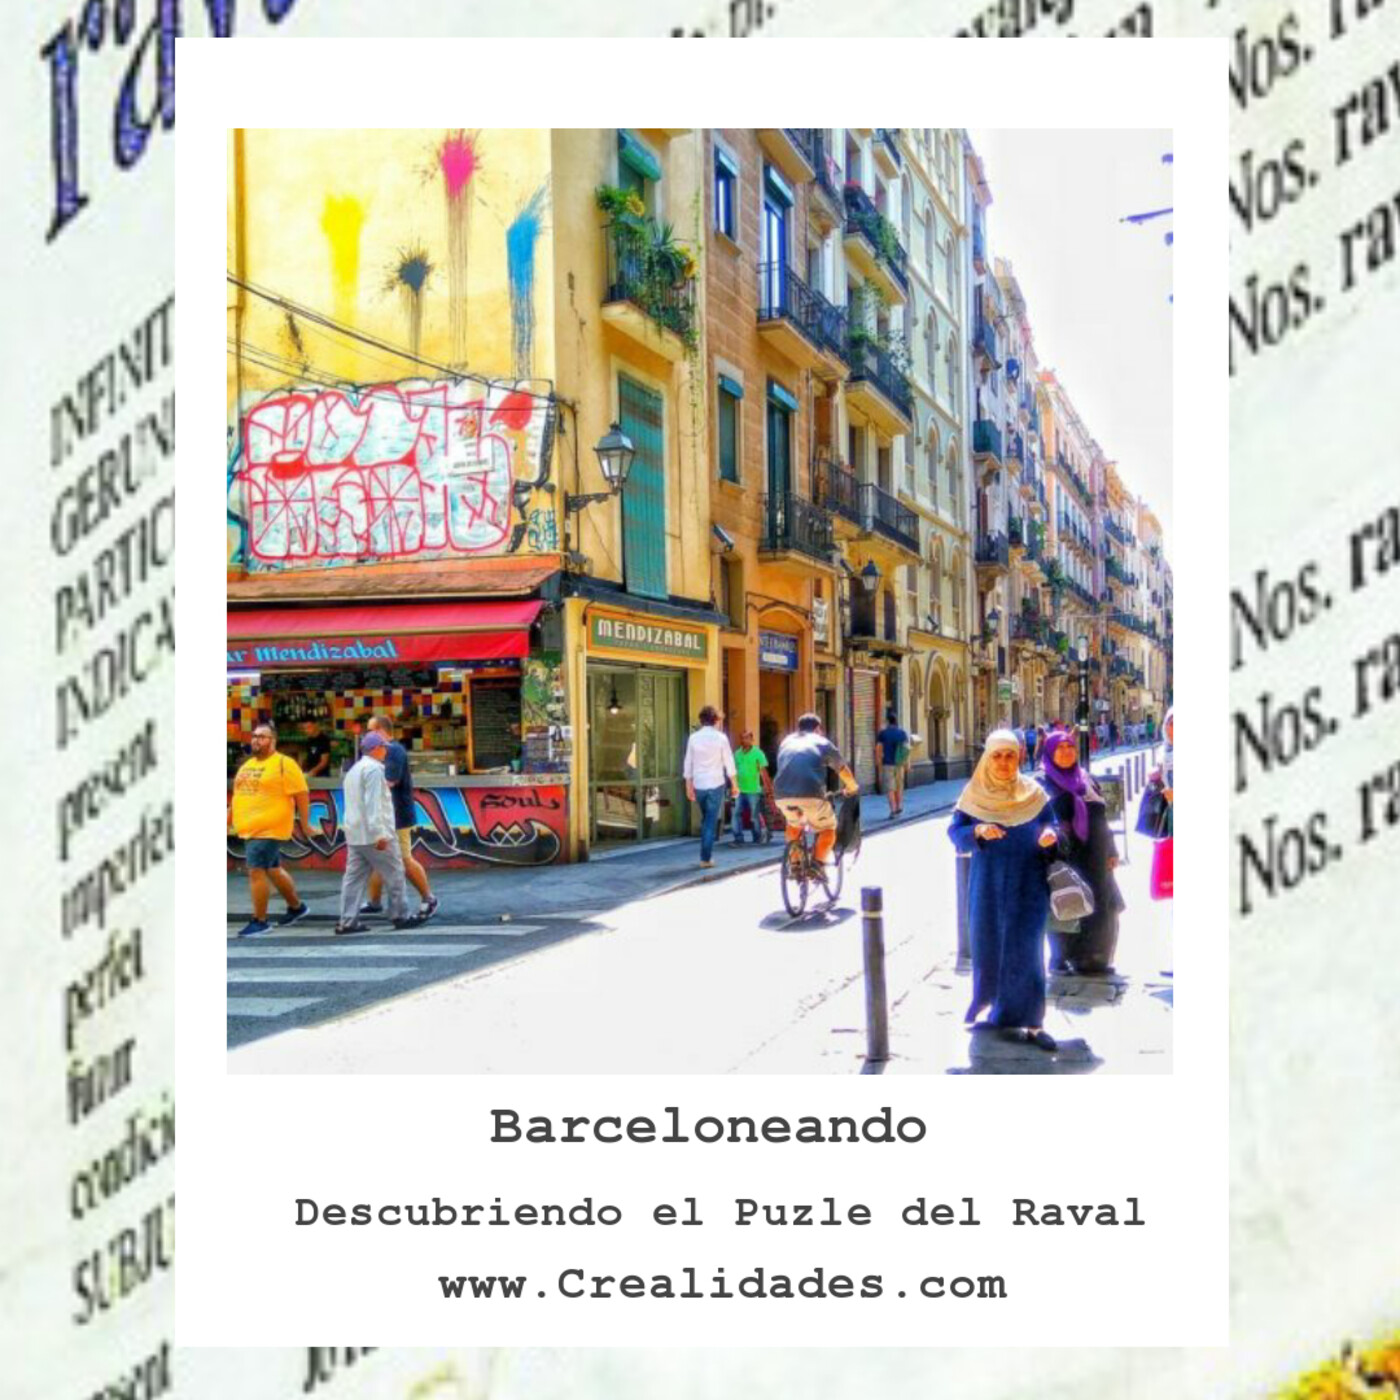 Descubriendo el puzle del Raval - Barceloneando 60